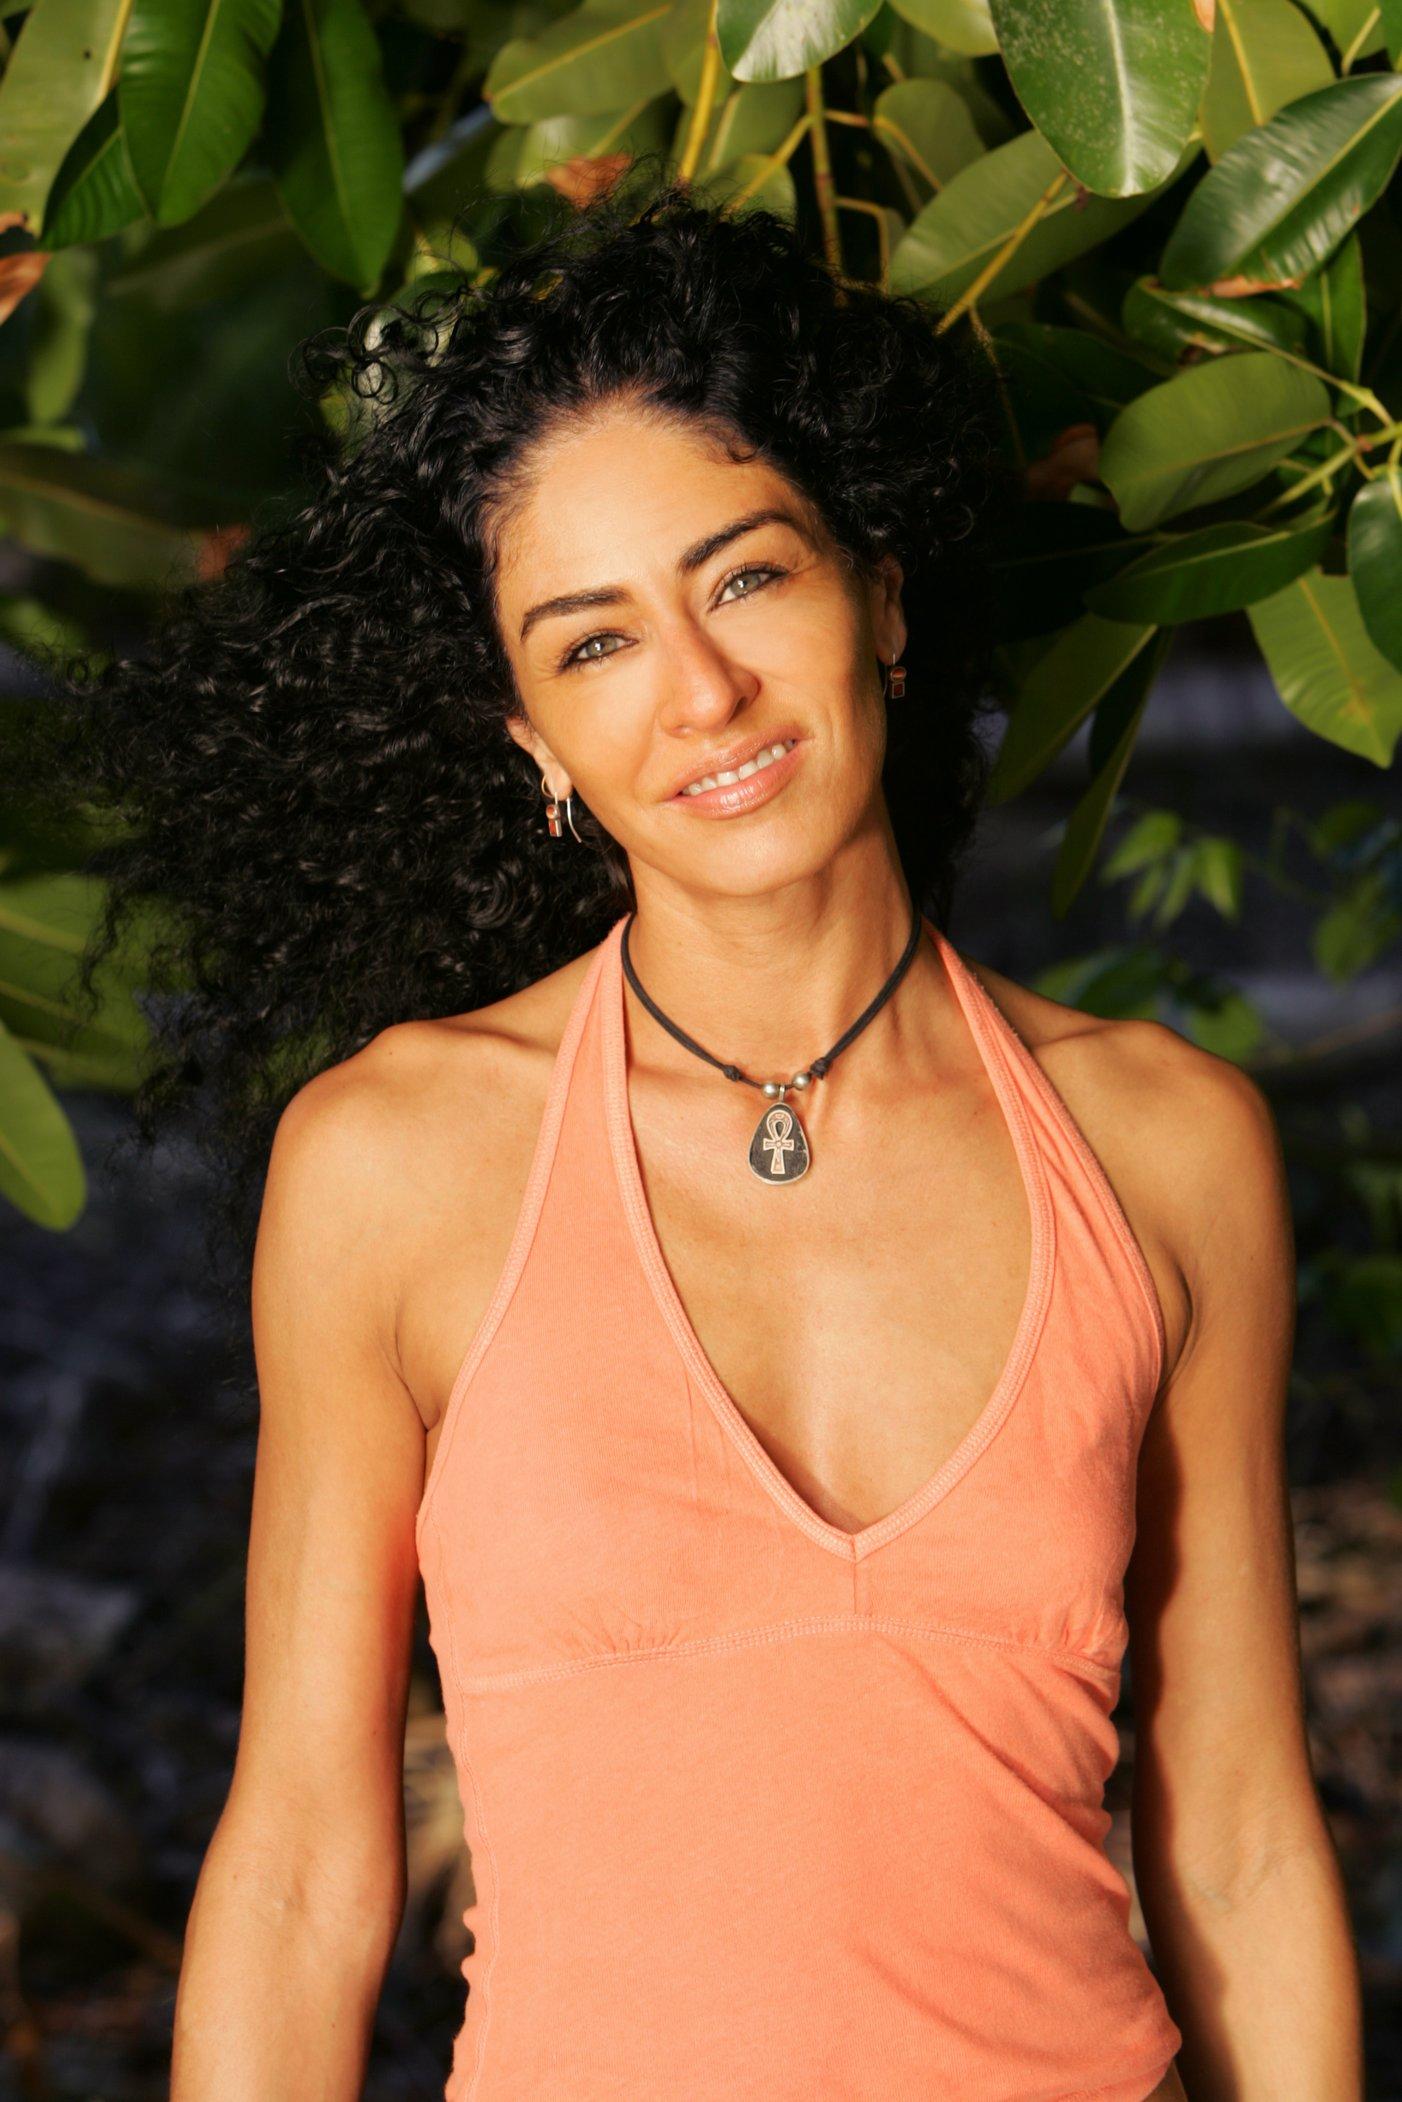 Angie Survivor janu tornell | survivor wiki | fandom